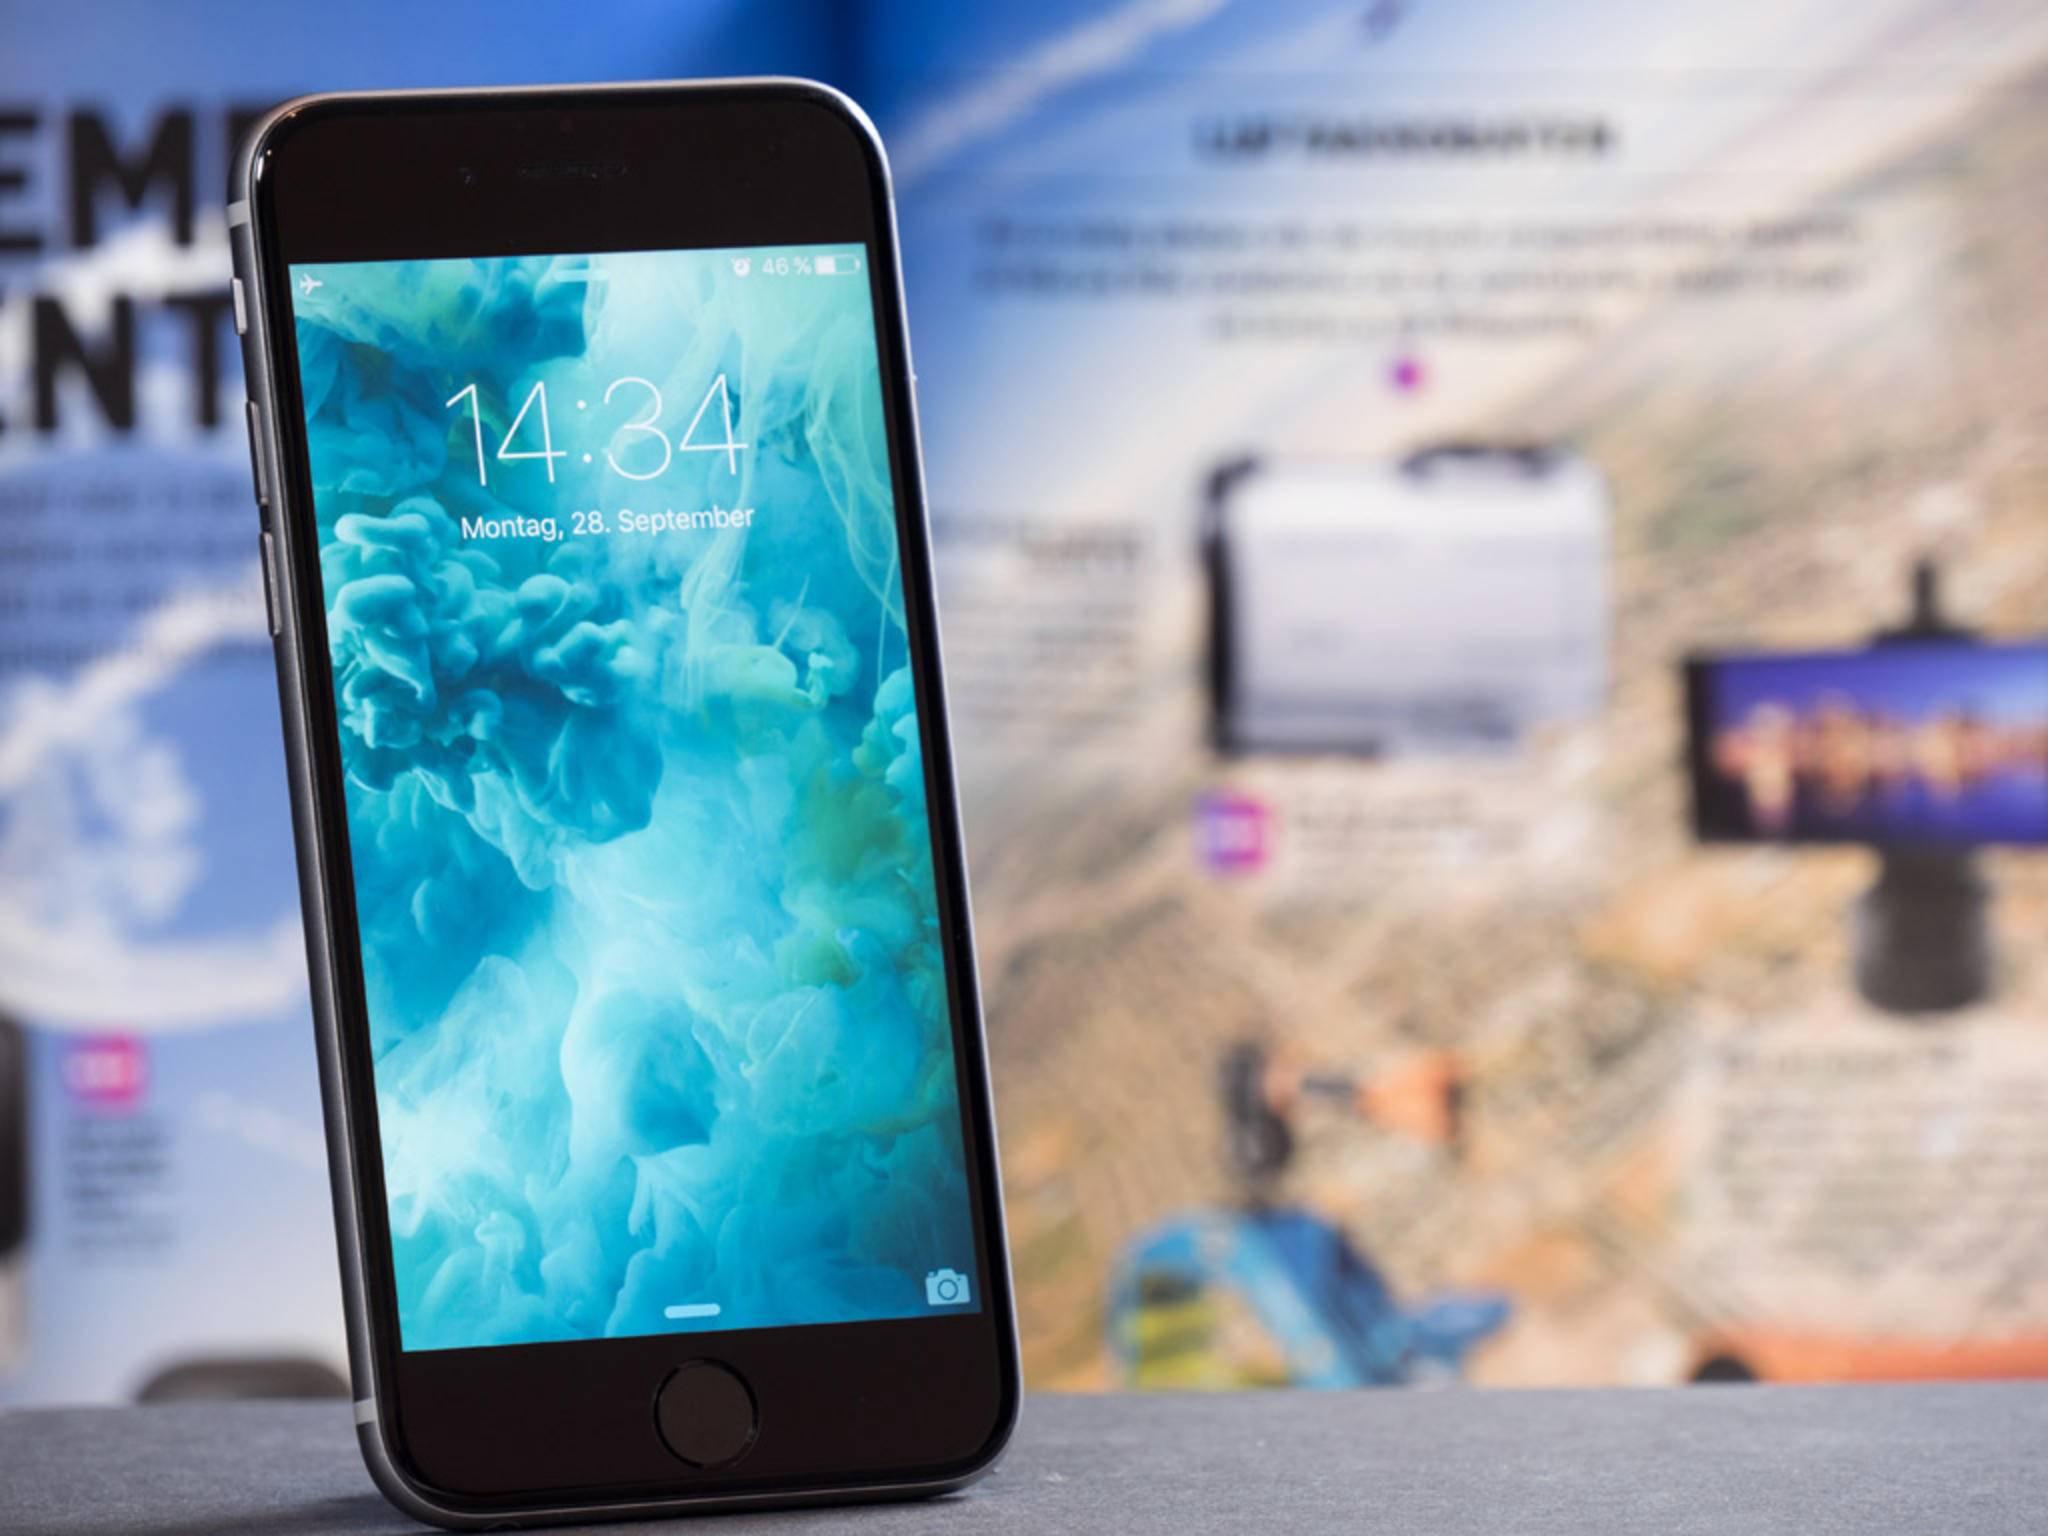 Immer in Bewegung: Mit dem iPhone 6s führte Apple sogenannte Live Photos ein.